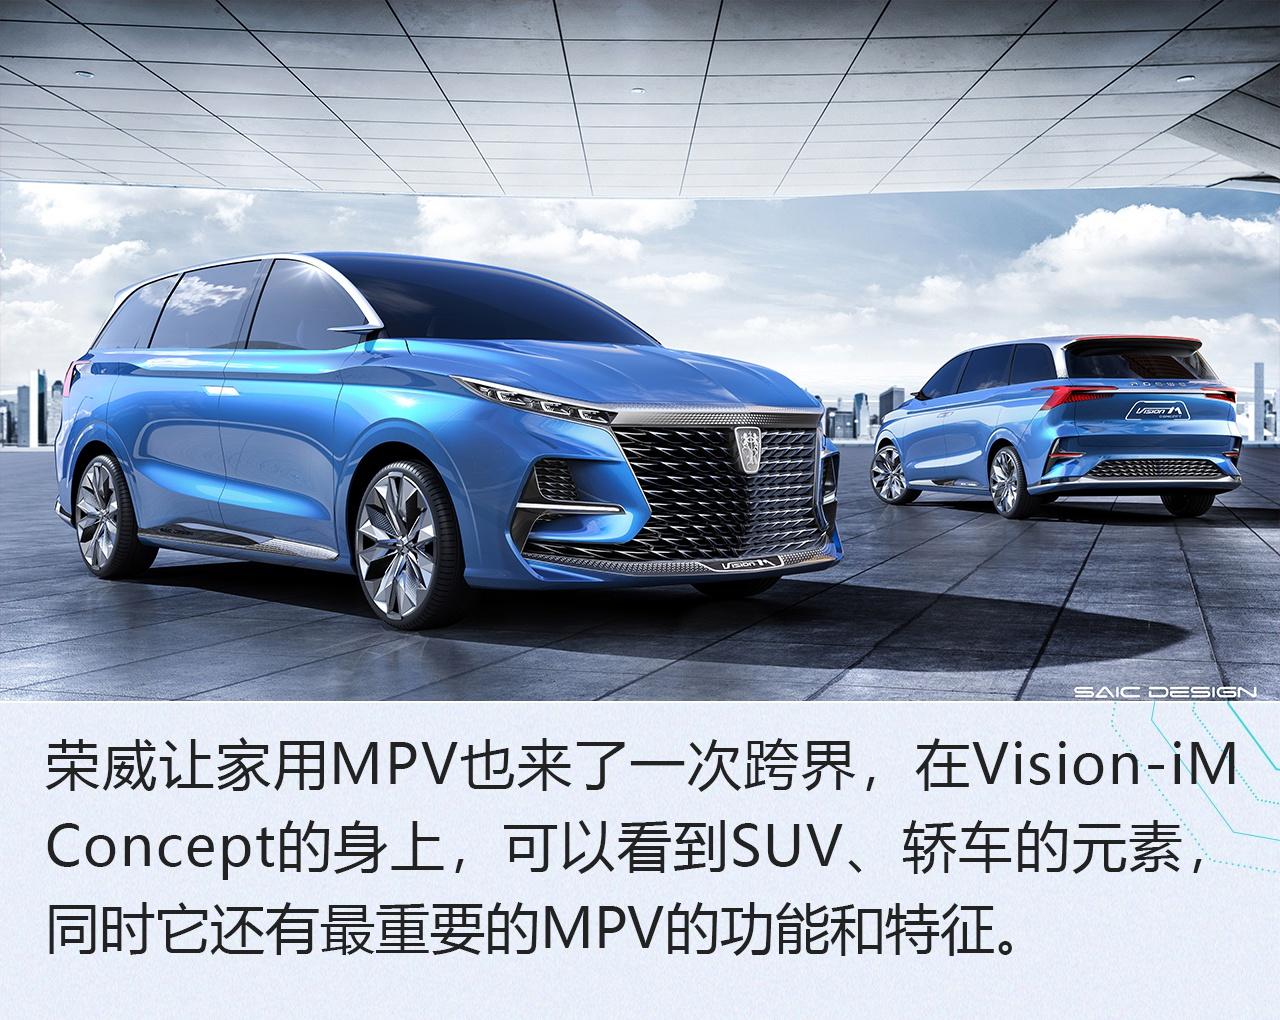 2019广州车展:荣威Vision-iM概念车设计解析